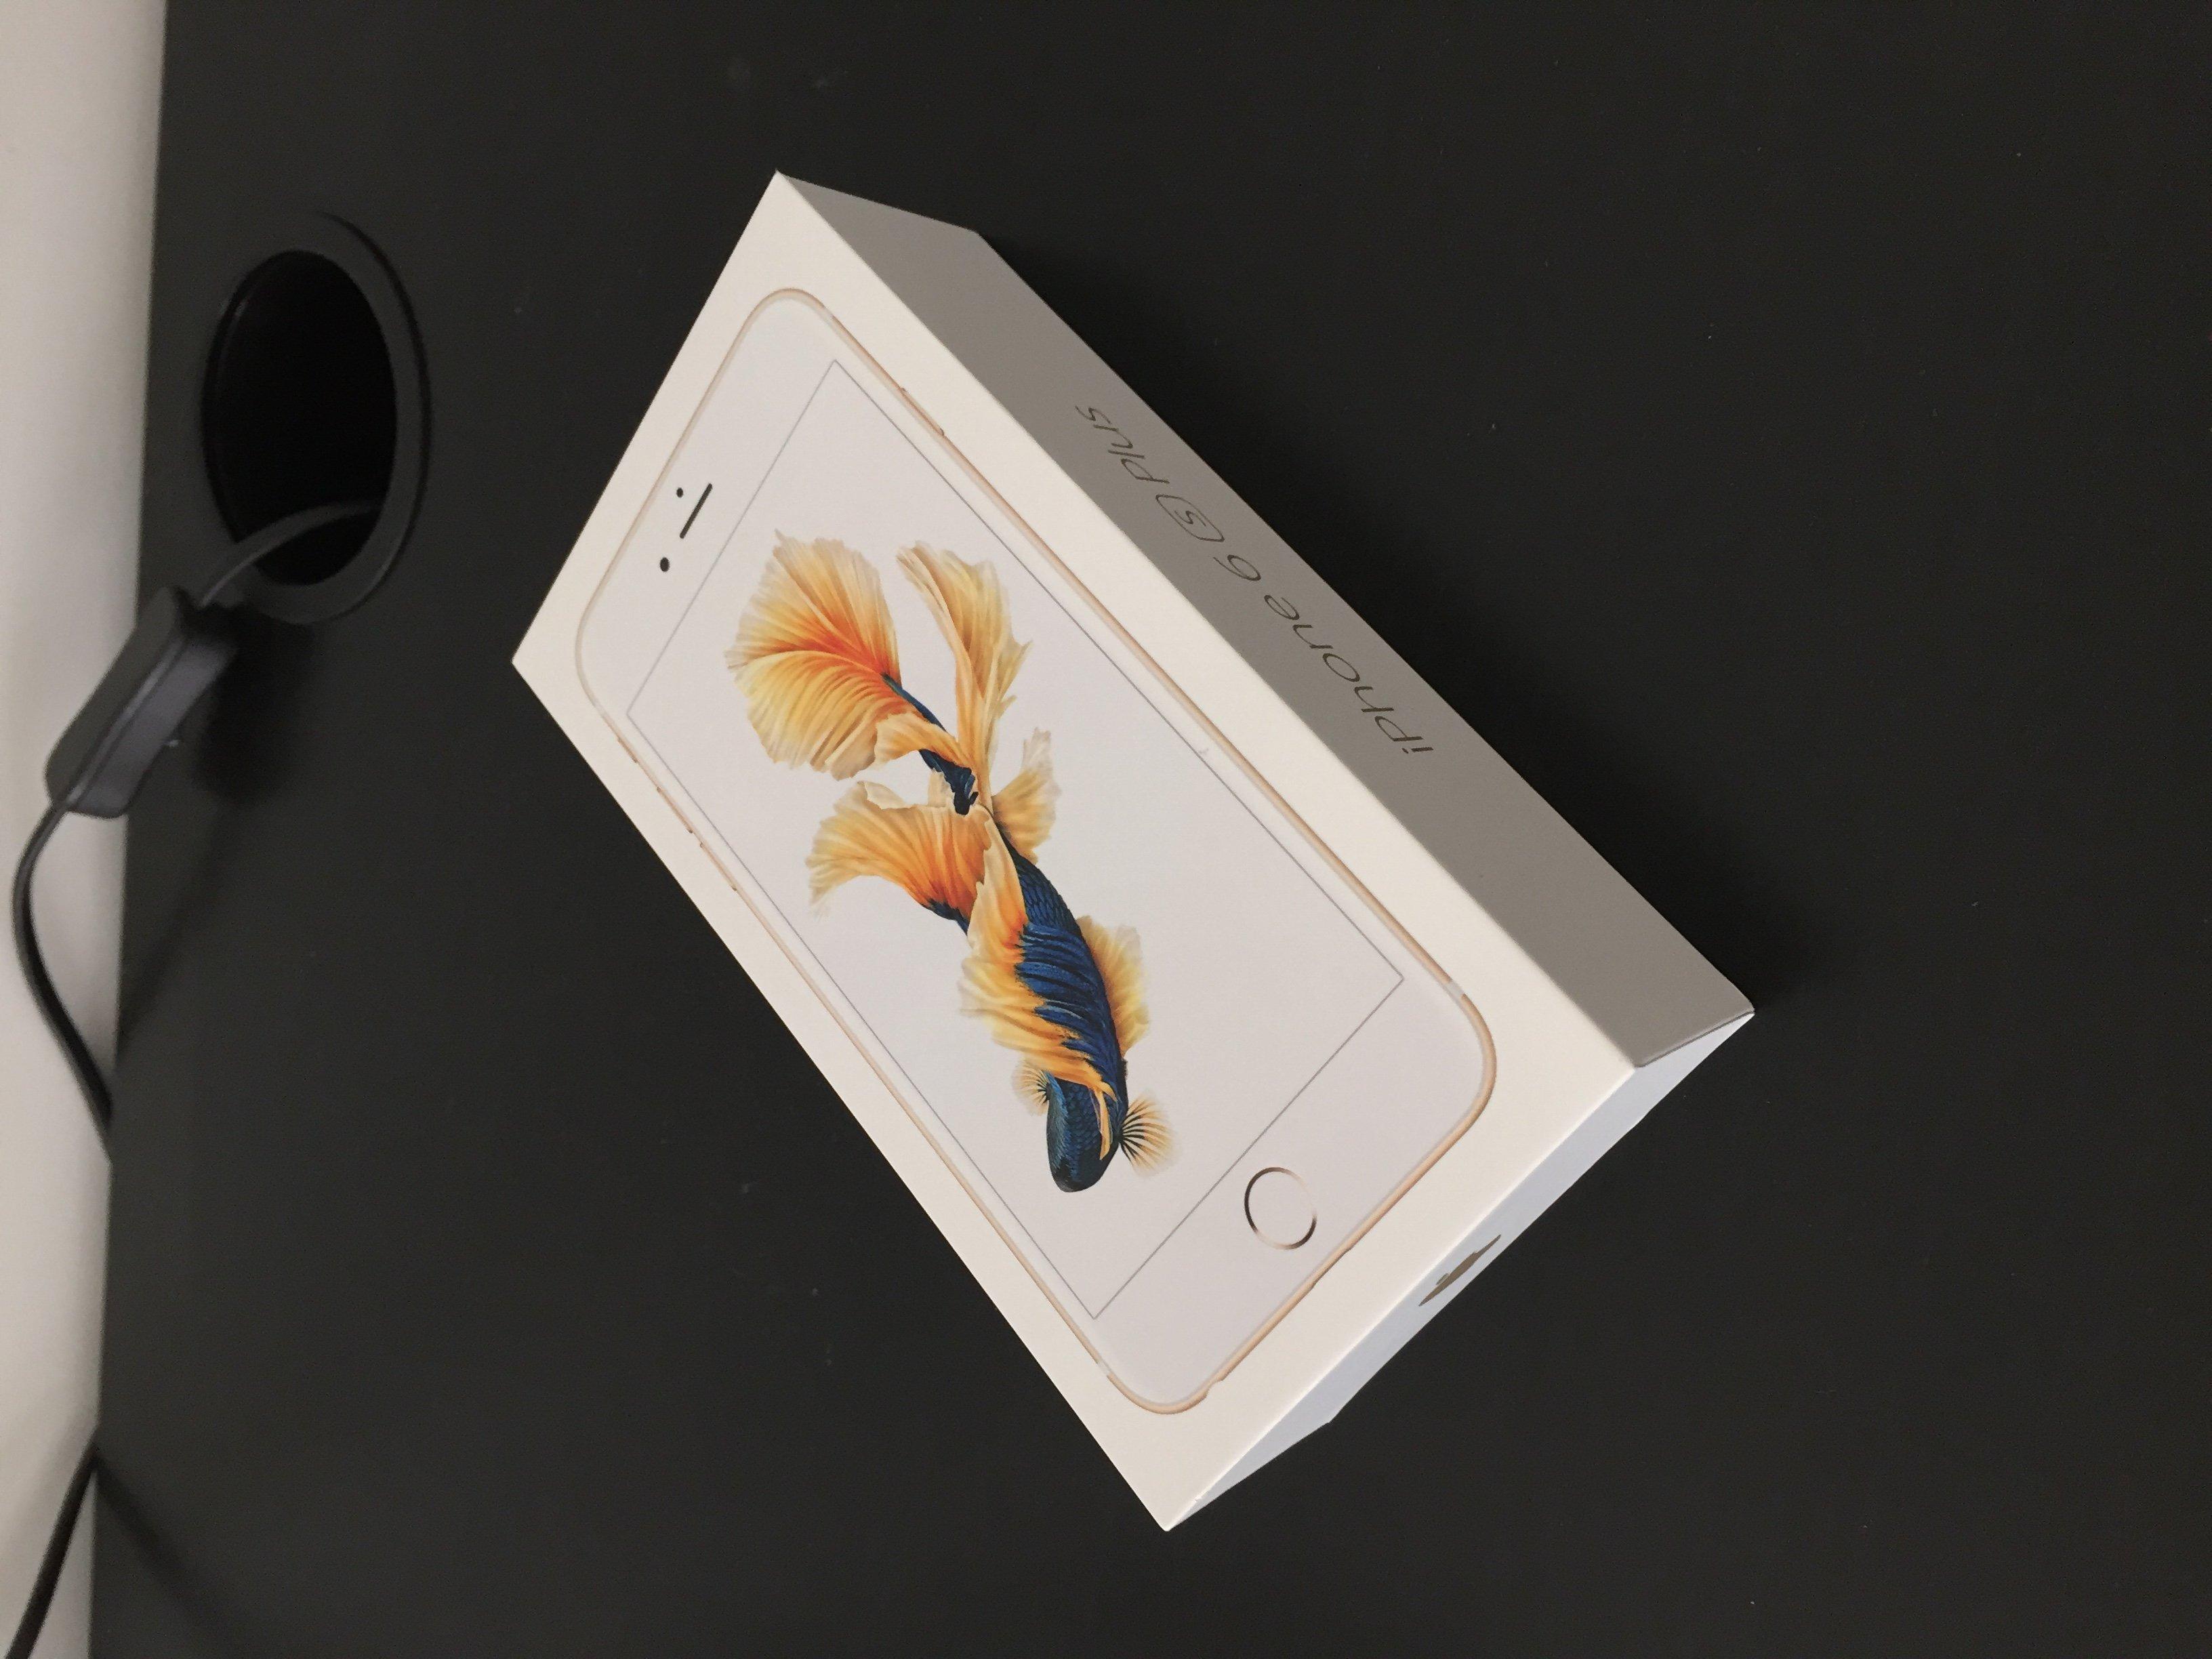 苹果6sp 土豪金 16g 国行 三网通用图片